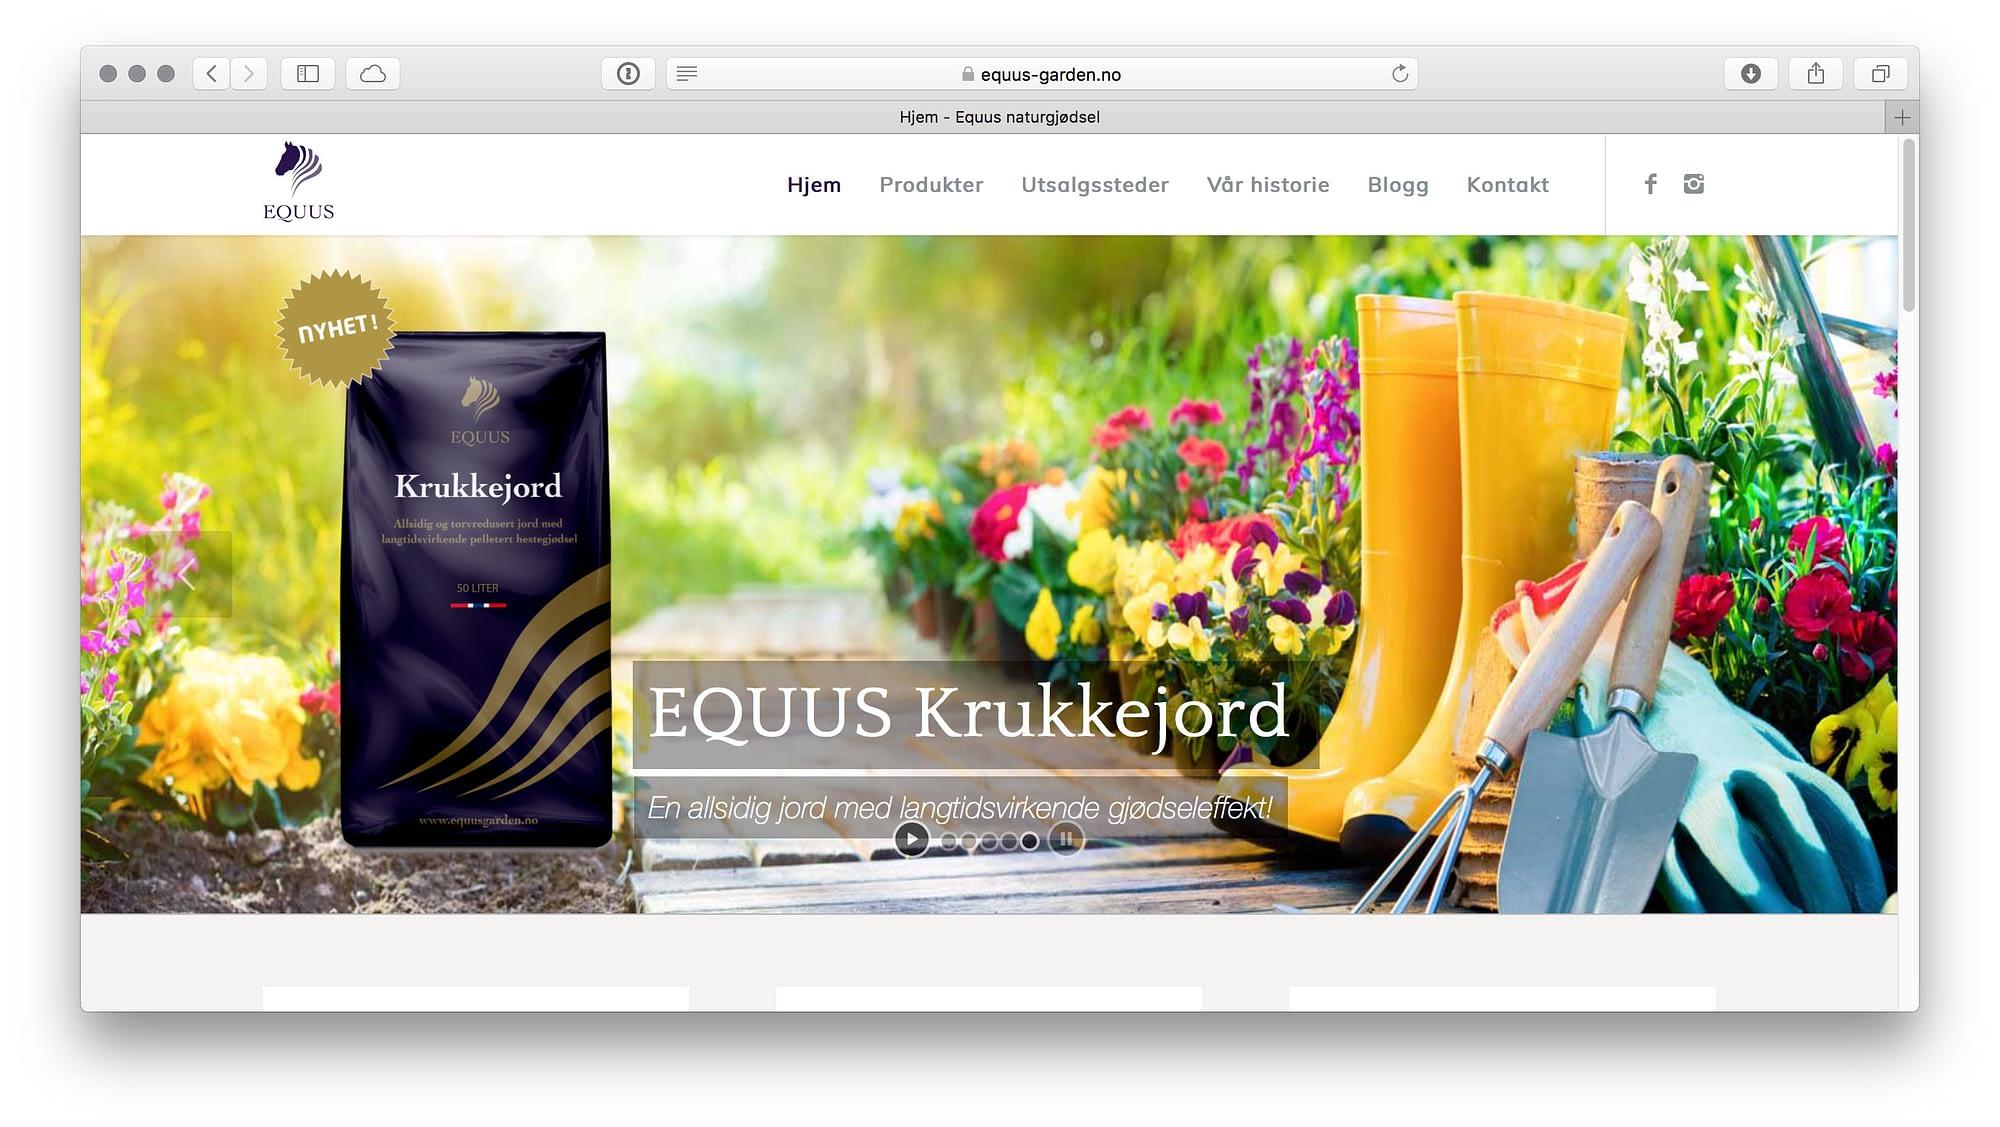 Equus garden design av nettsted for hage og gjødsel